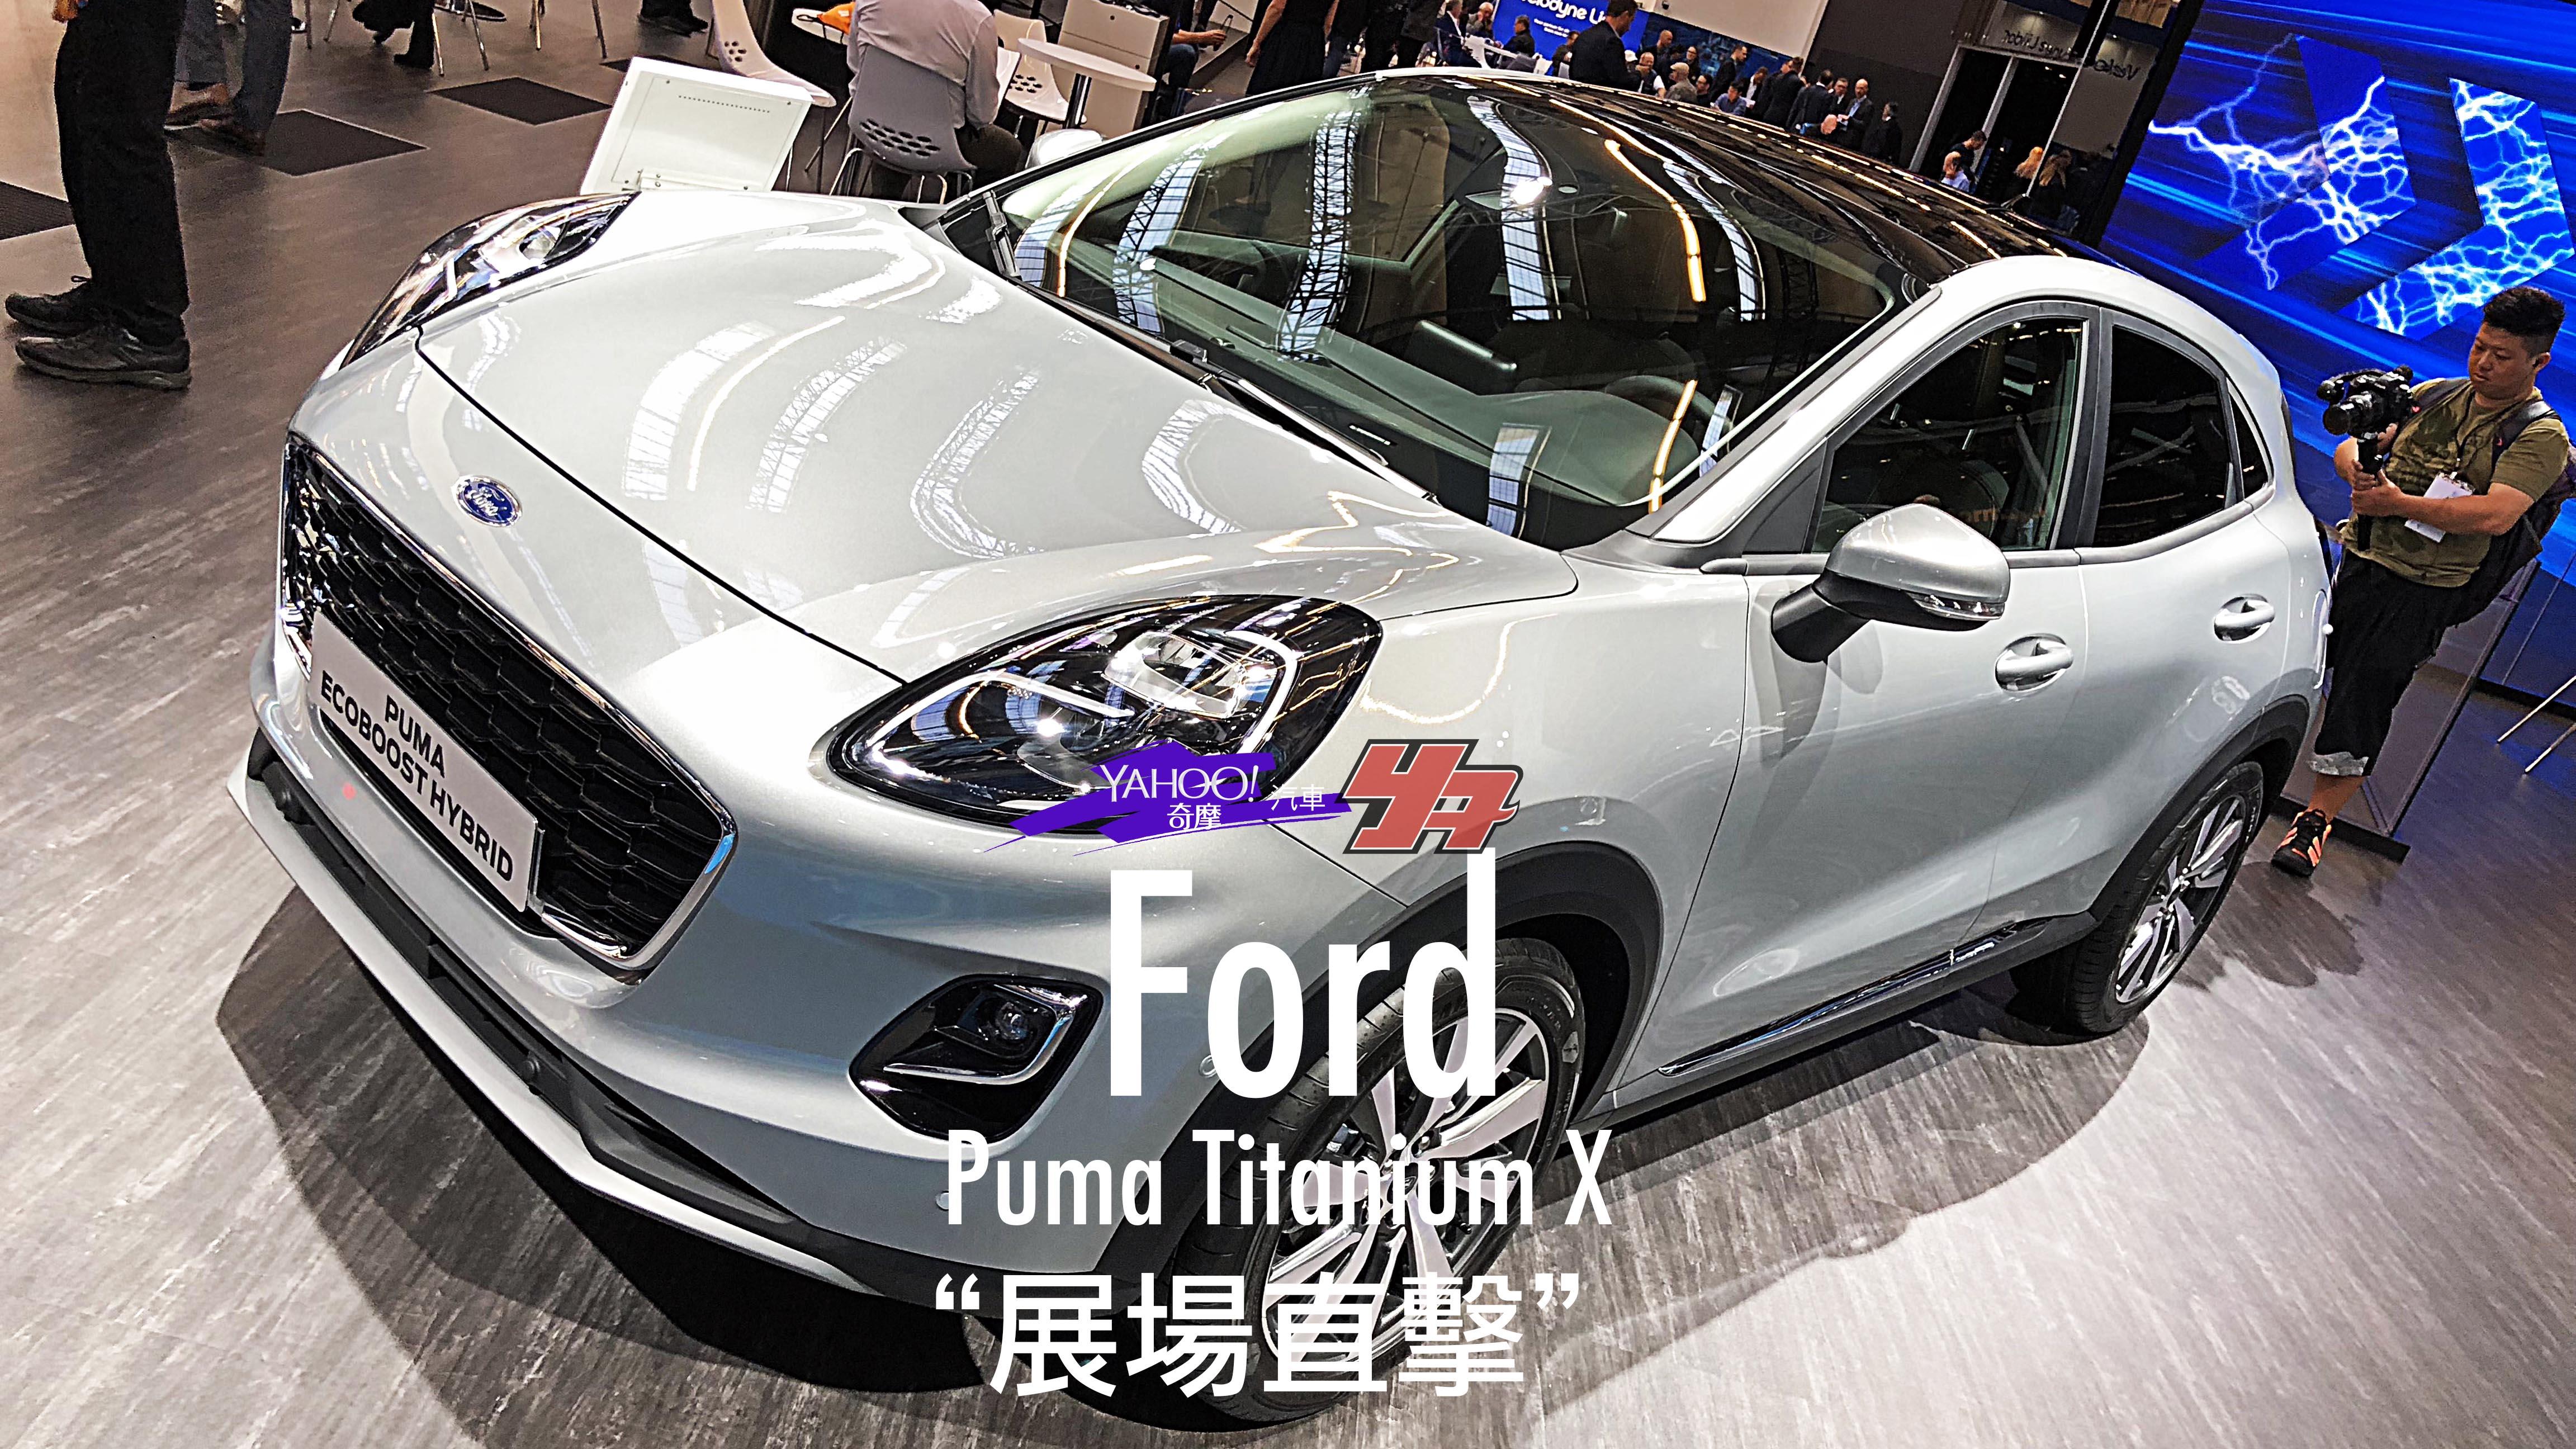 【2019法蘭克福車展直擊】藍橢圓山獅來踢館!2020 Ford Puma Titanium X車型帥氣初登板!